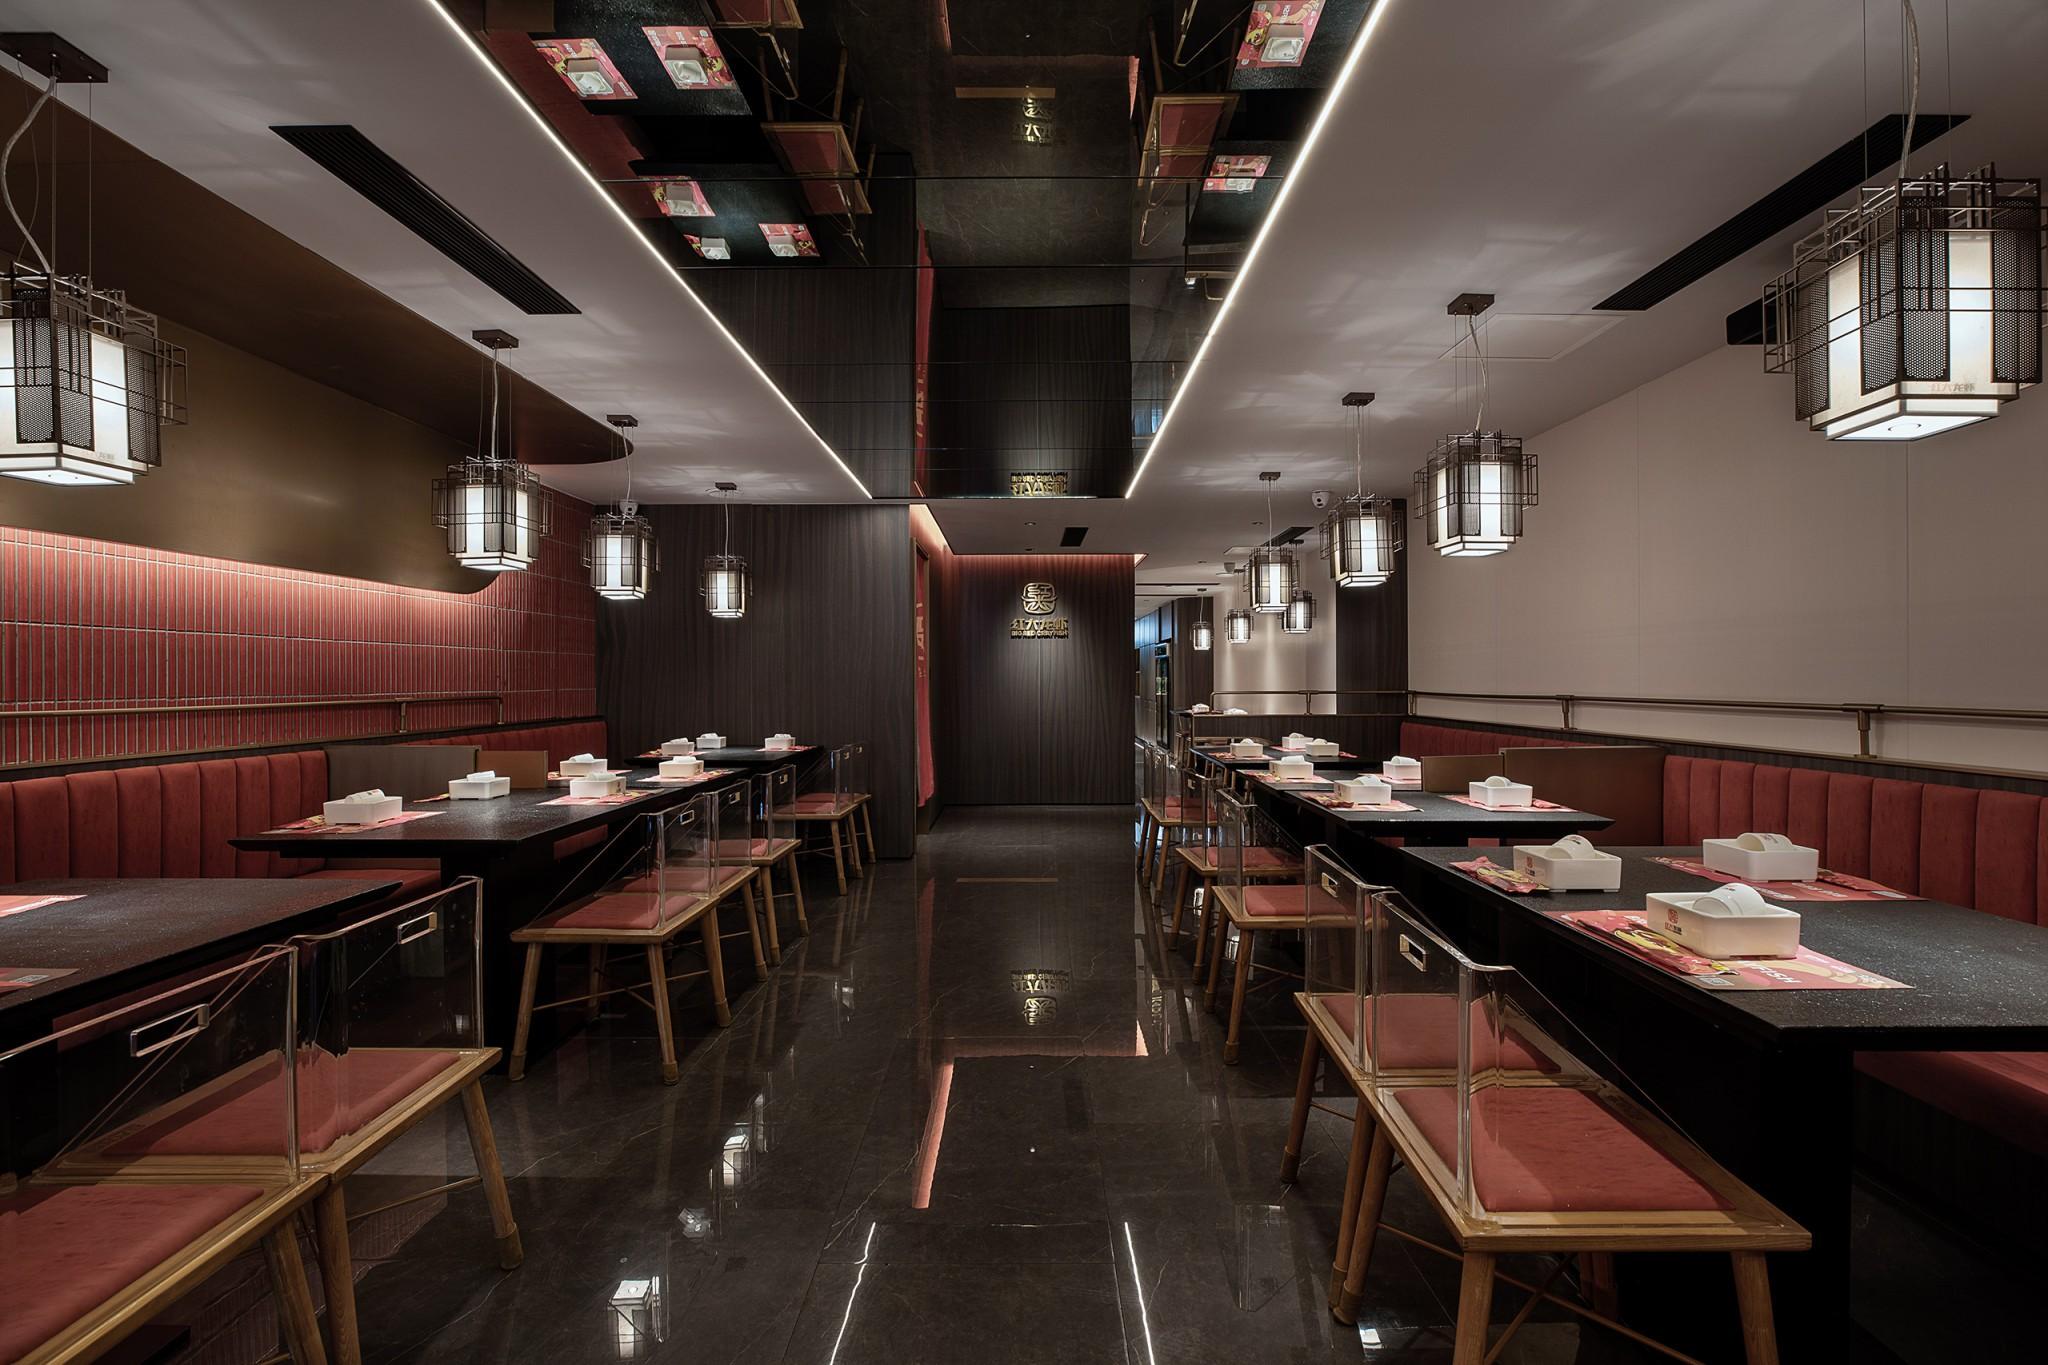 餐饮品牌商业空间设计-红大龙虾97e68b9ee43cf463d665511da99896d1